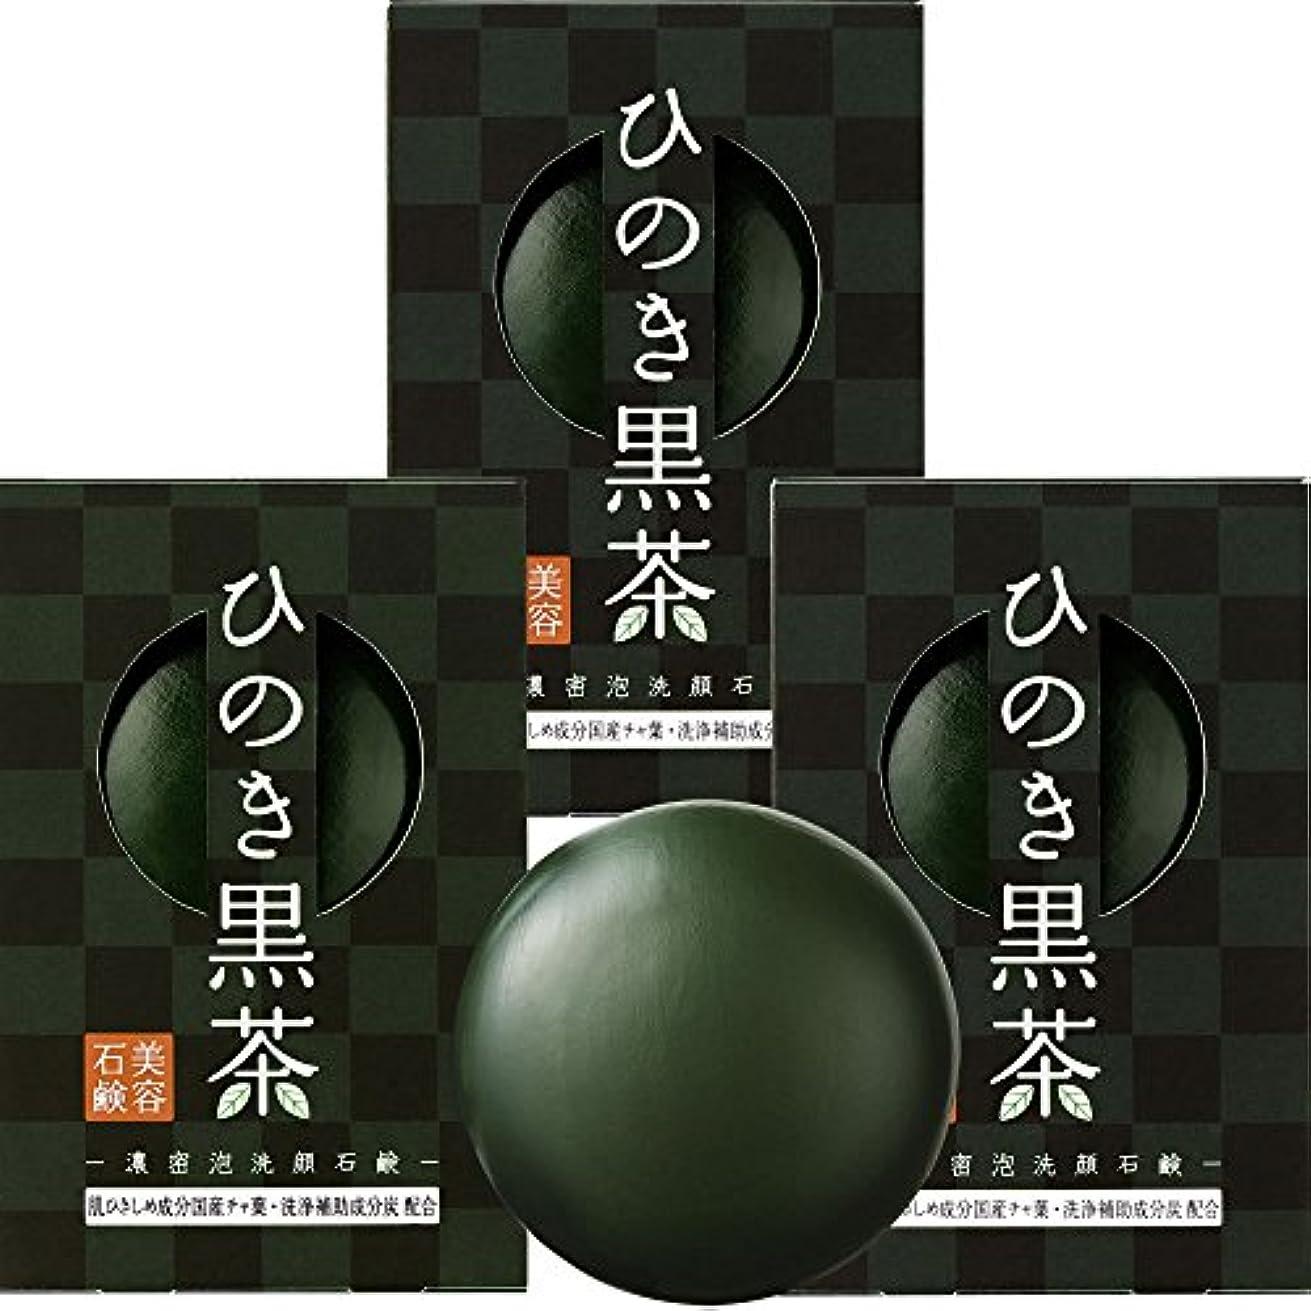 滑るレクリエーションやりがいのあるひのき黒茶石鹸 (80g×3個) [保湿成分配合] ヒアルロン酸 コラーゲン